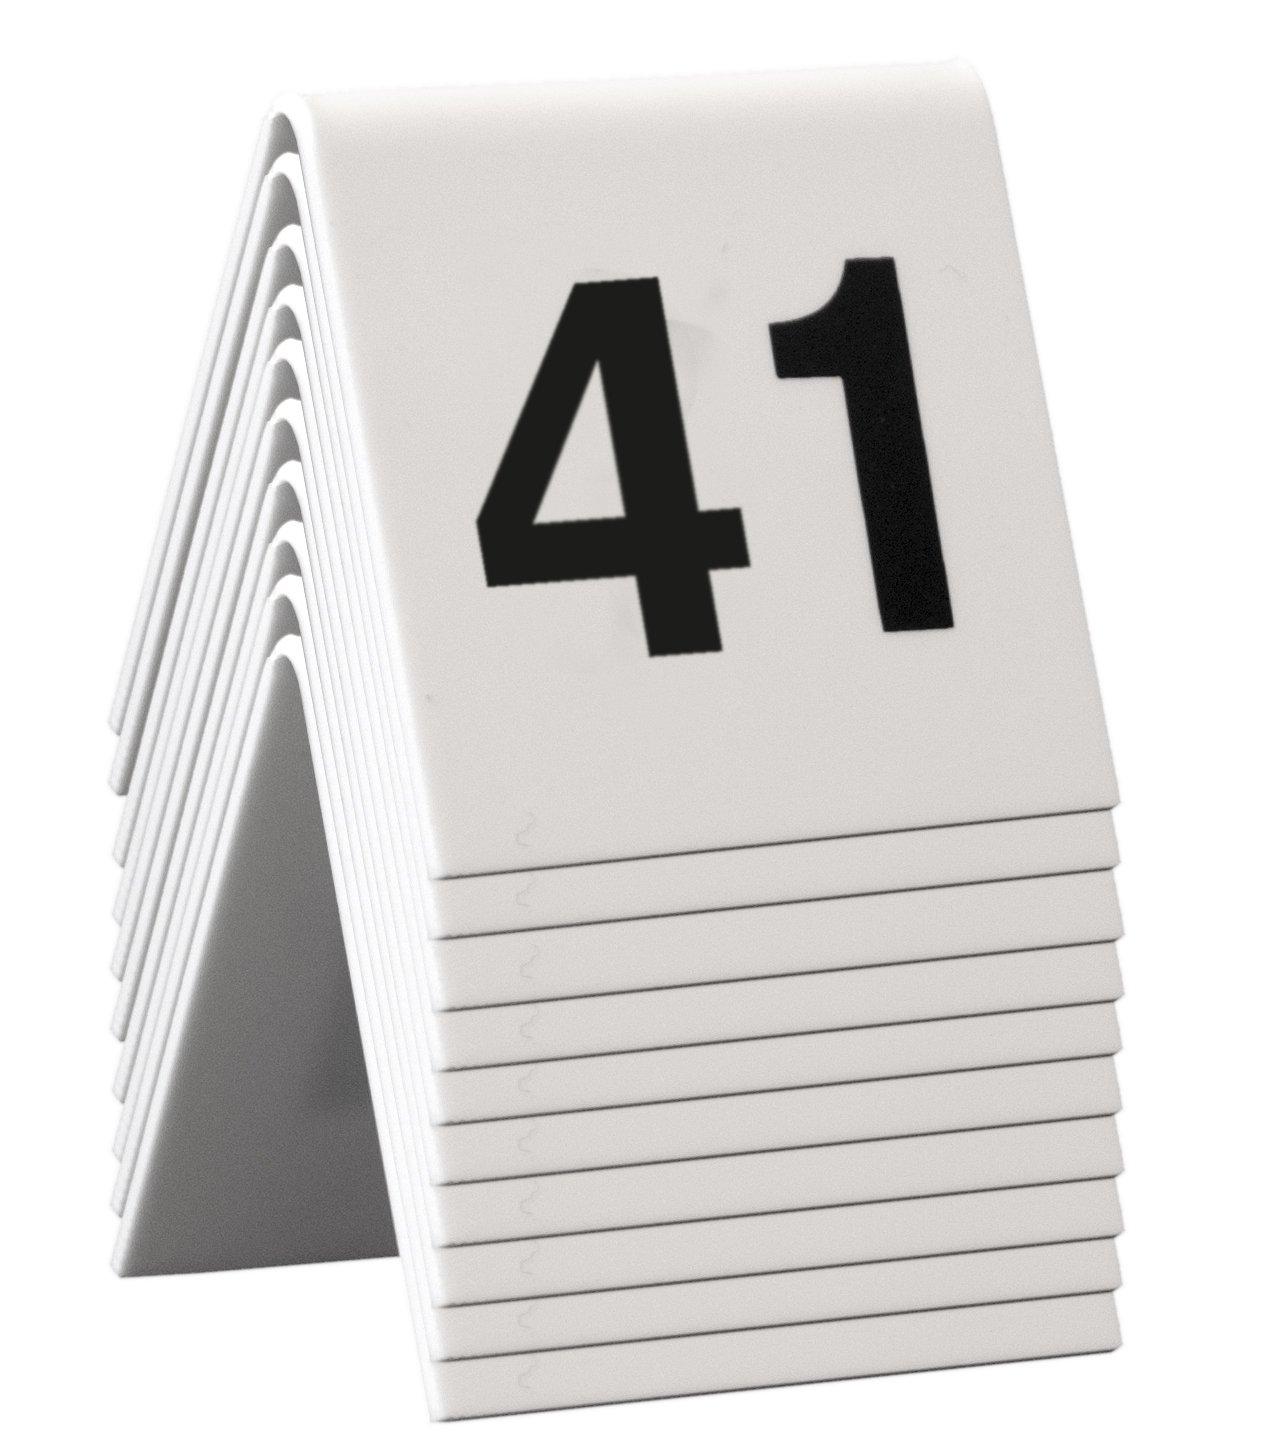 Securit–Lavagna da tavolo 41–50Marche, numeri, 4x 4x 5cm (TN–41–50) The Office Product Network TN-41-50-WT